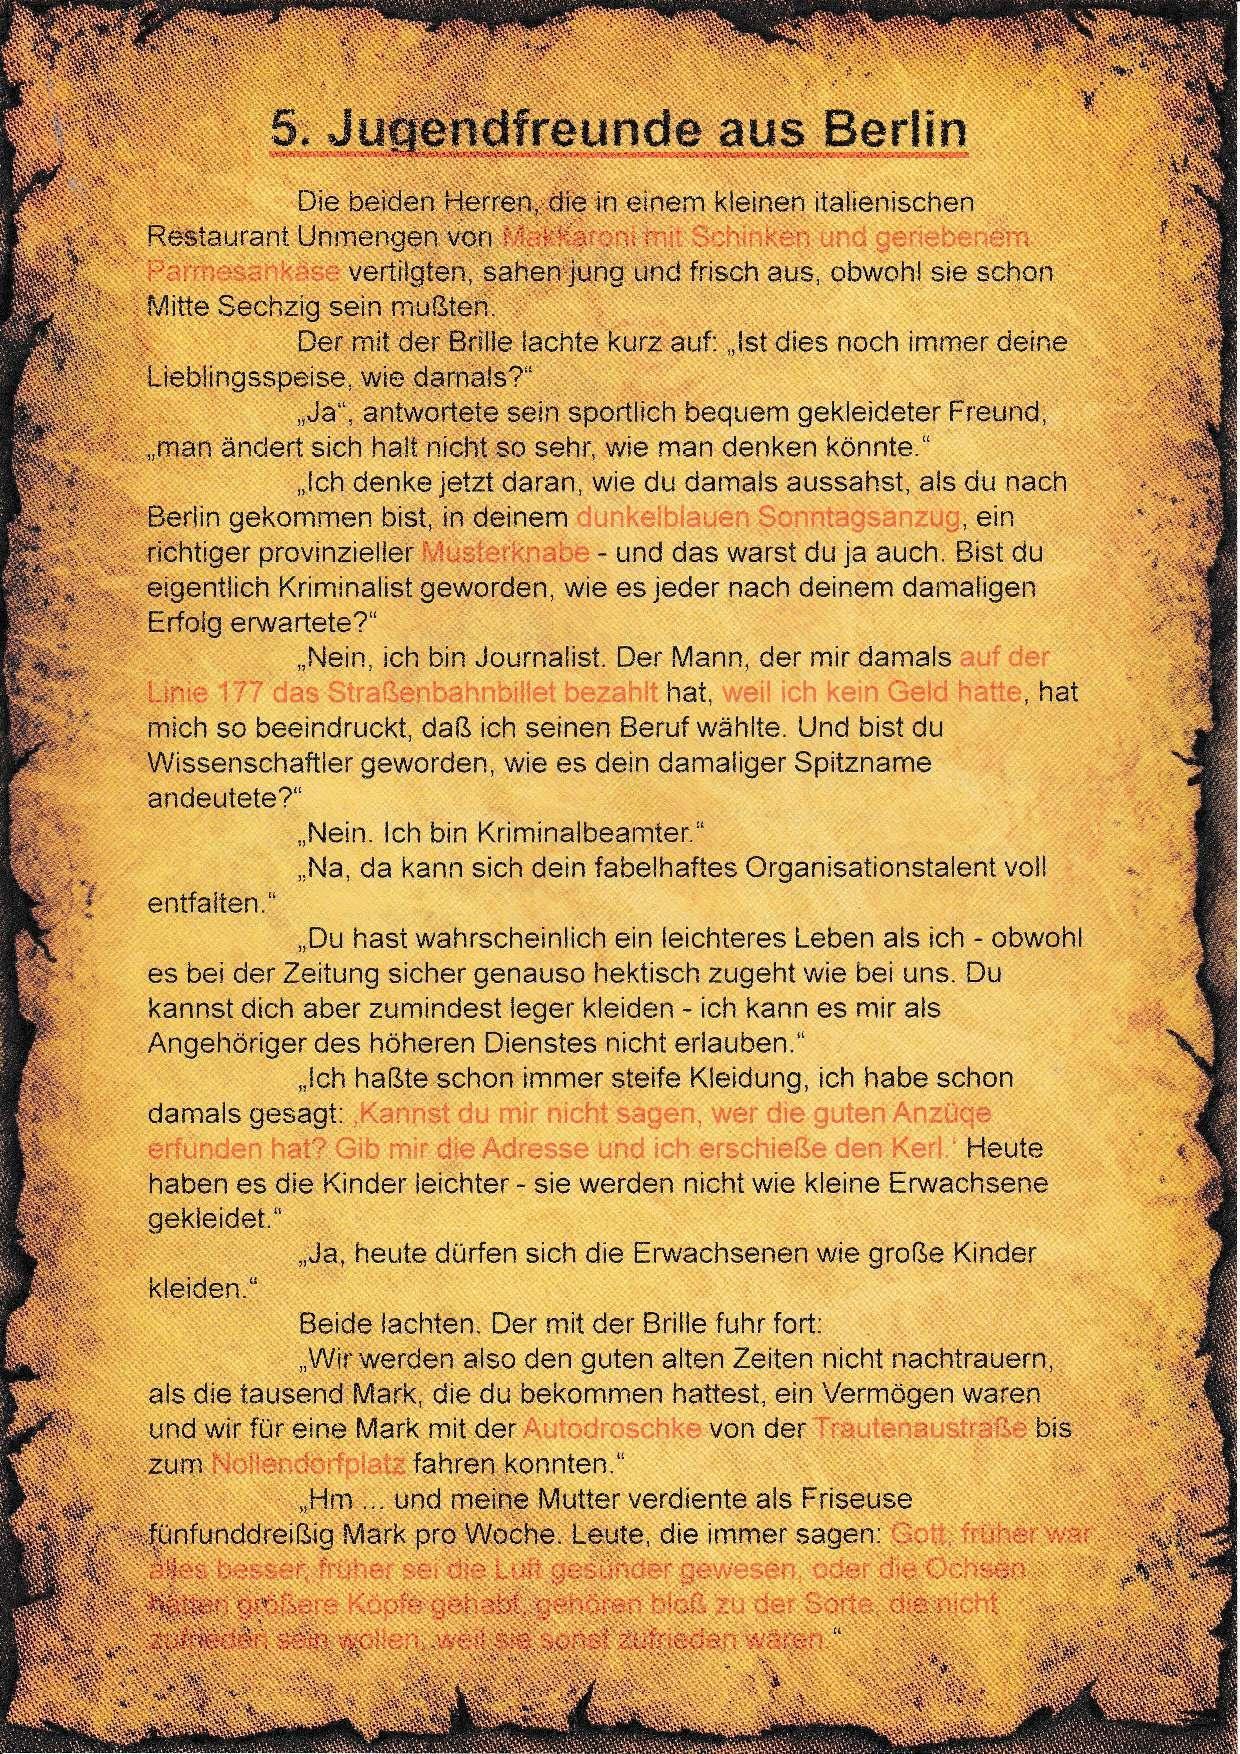 5. Literatur-Rätsel - A